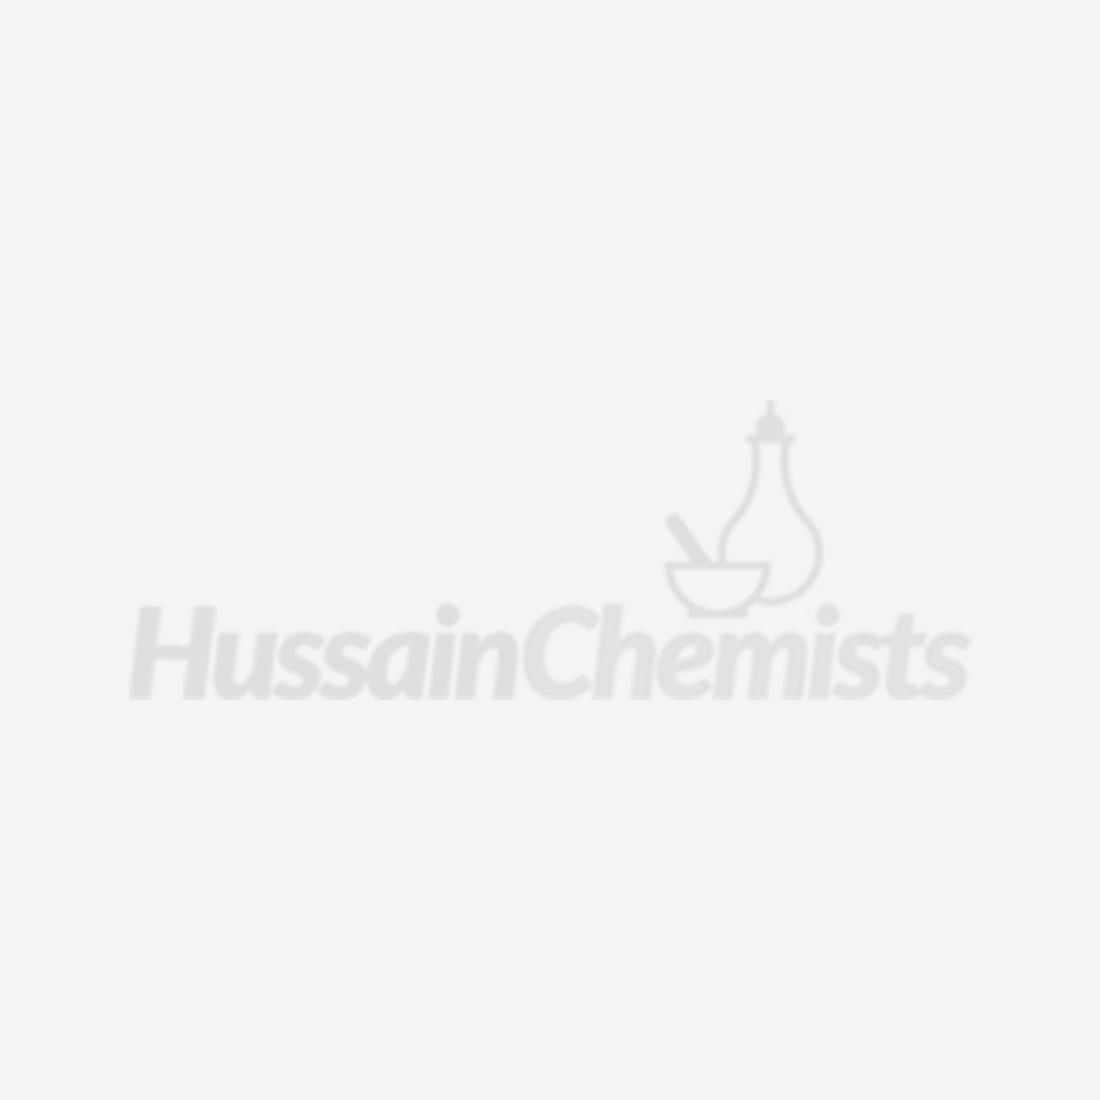 XBC Evening Primrose Oil Cream 500ml Large Tub Soothes & Rejuvenates Skin